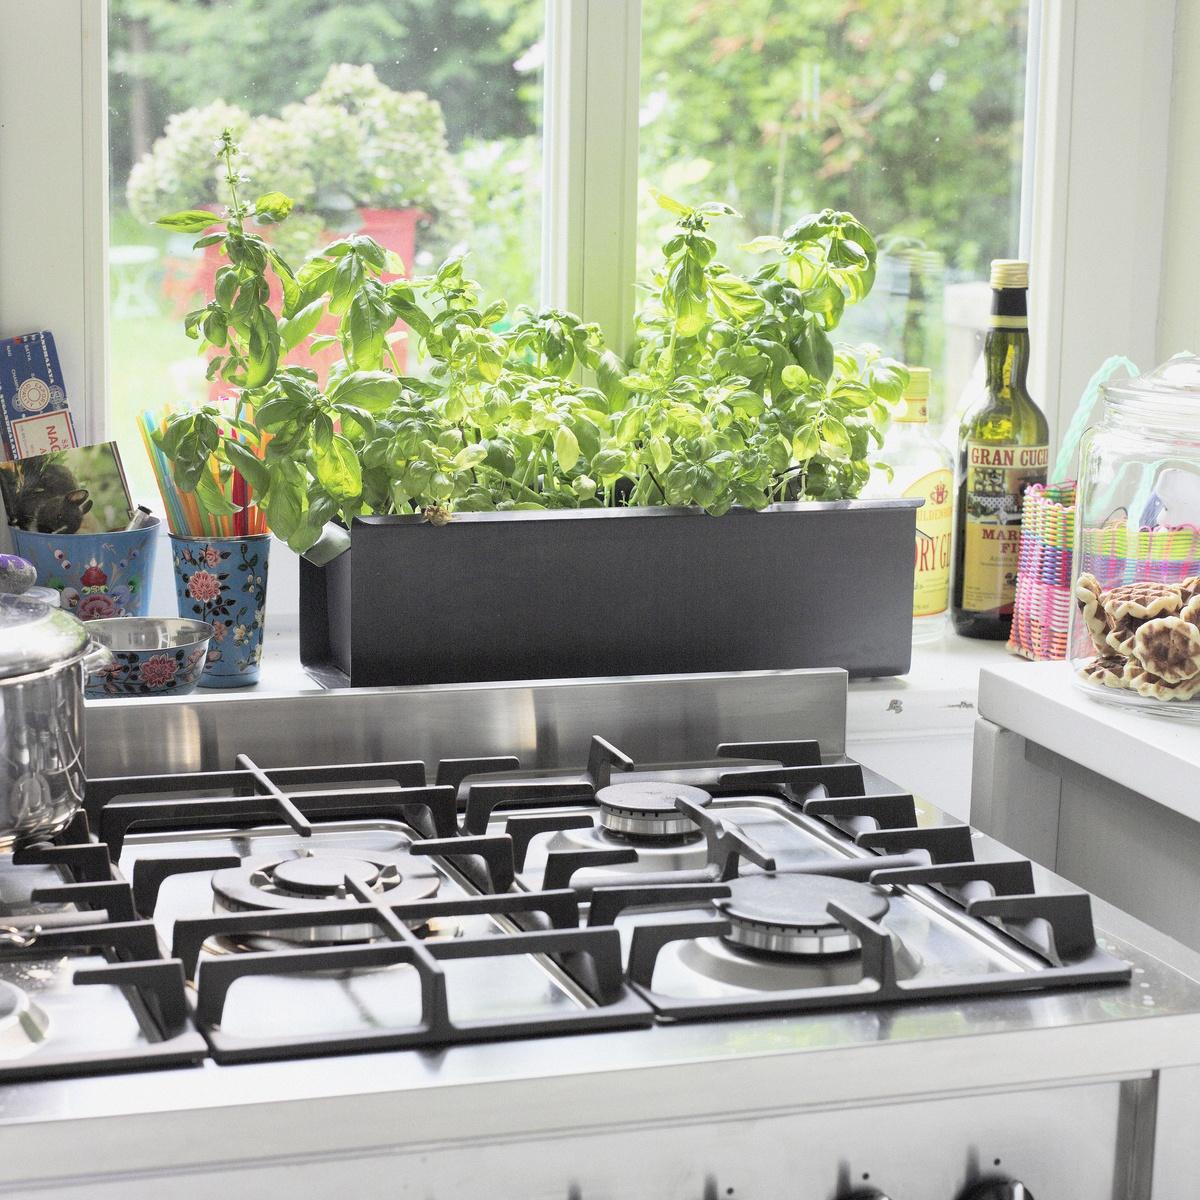 Minigewächshaus und Co.: Gärtnern im Kleinen